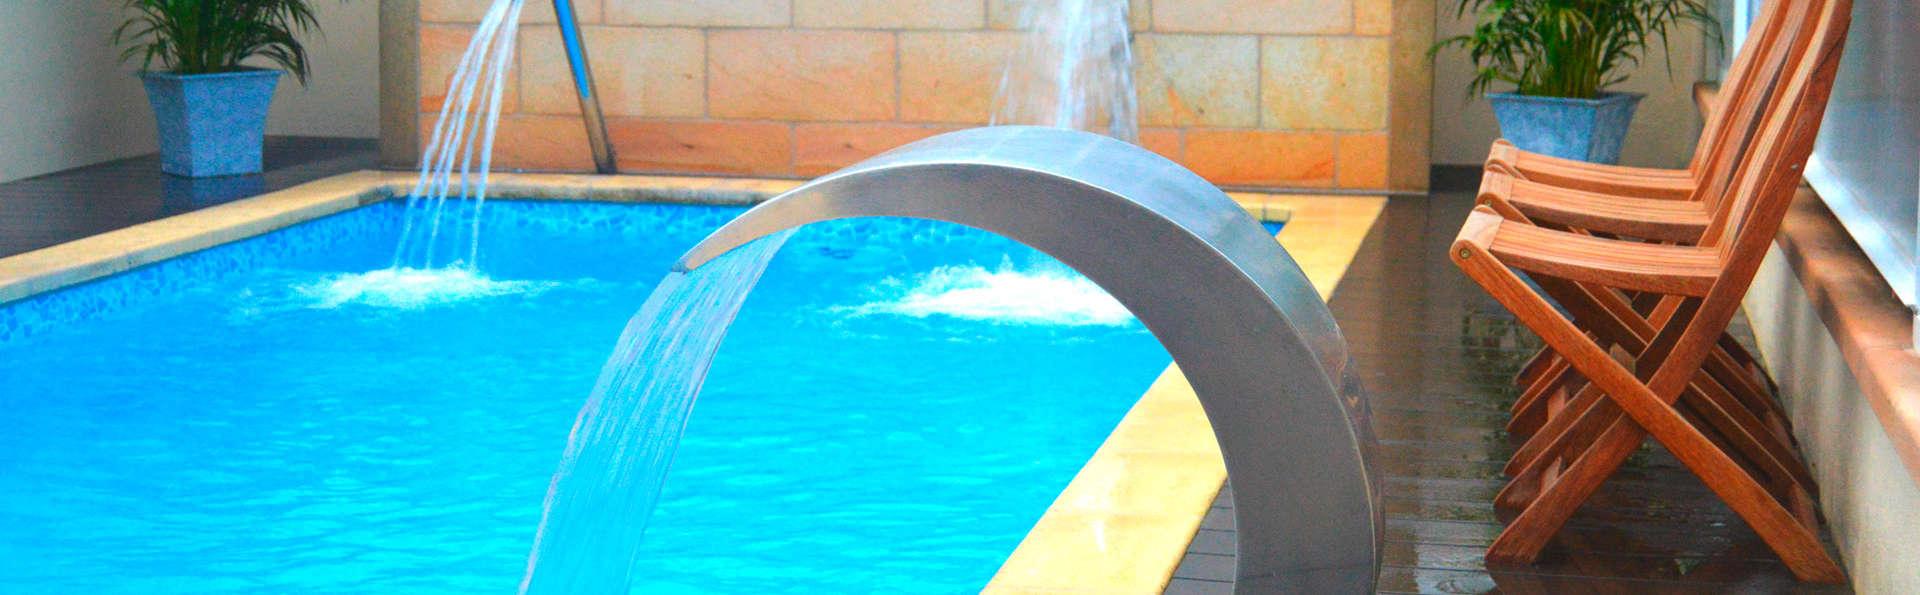 Gastronomía & Relax: Escapada con Cena y acceso ilimitado a las piscinas Termales (desde 2 noches)